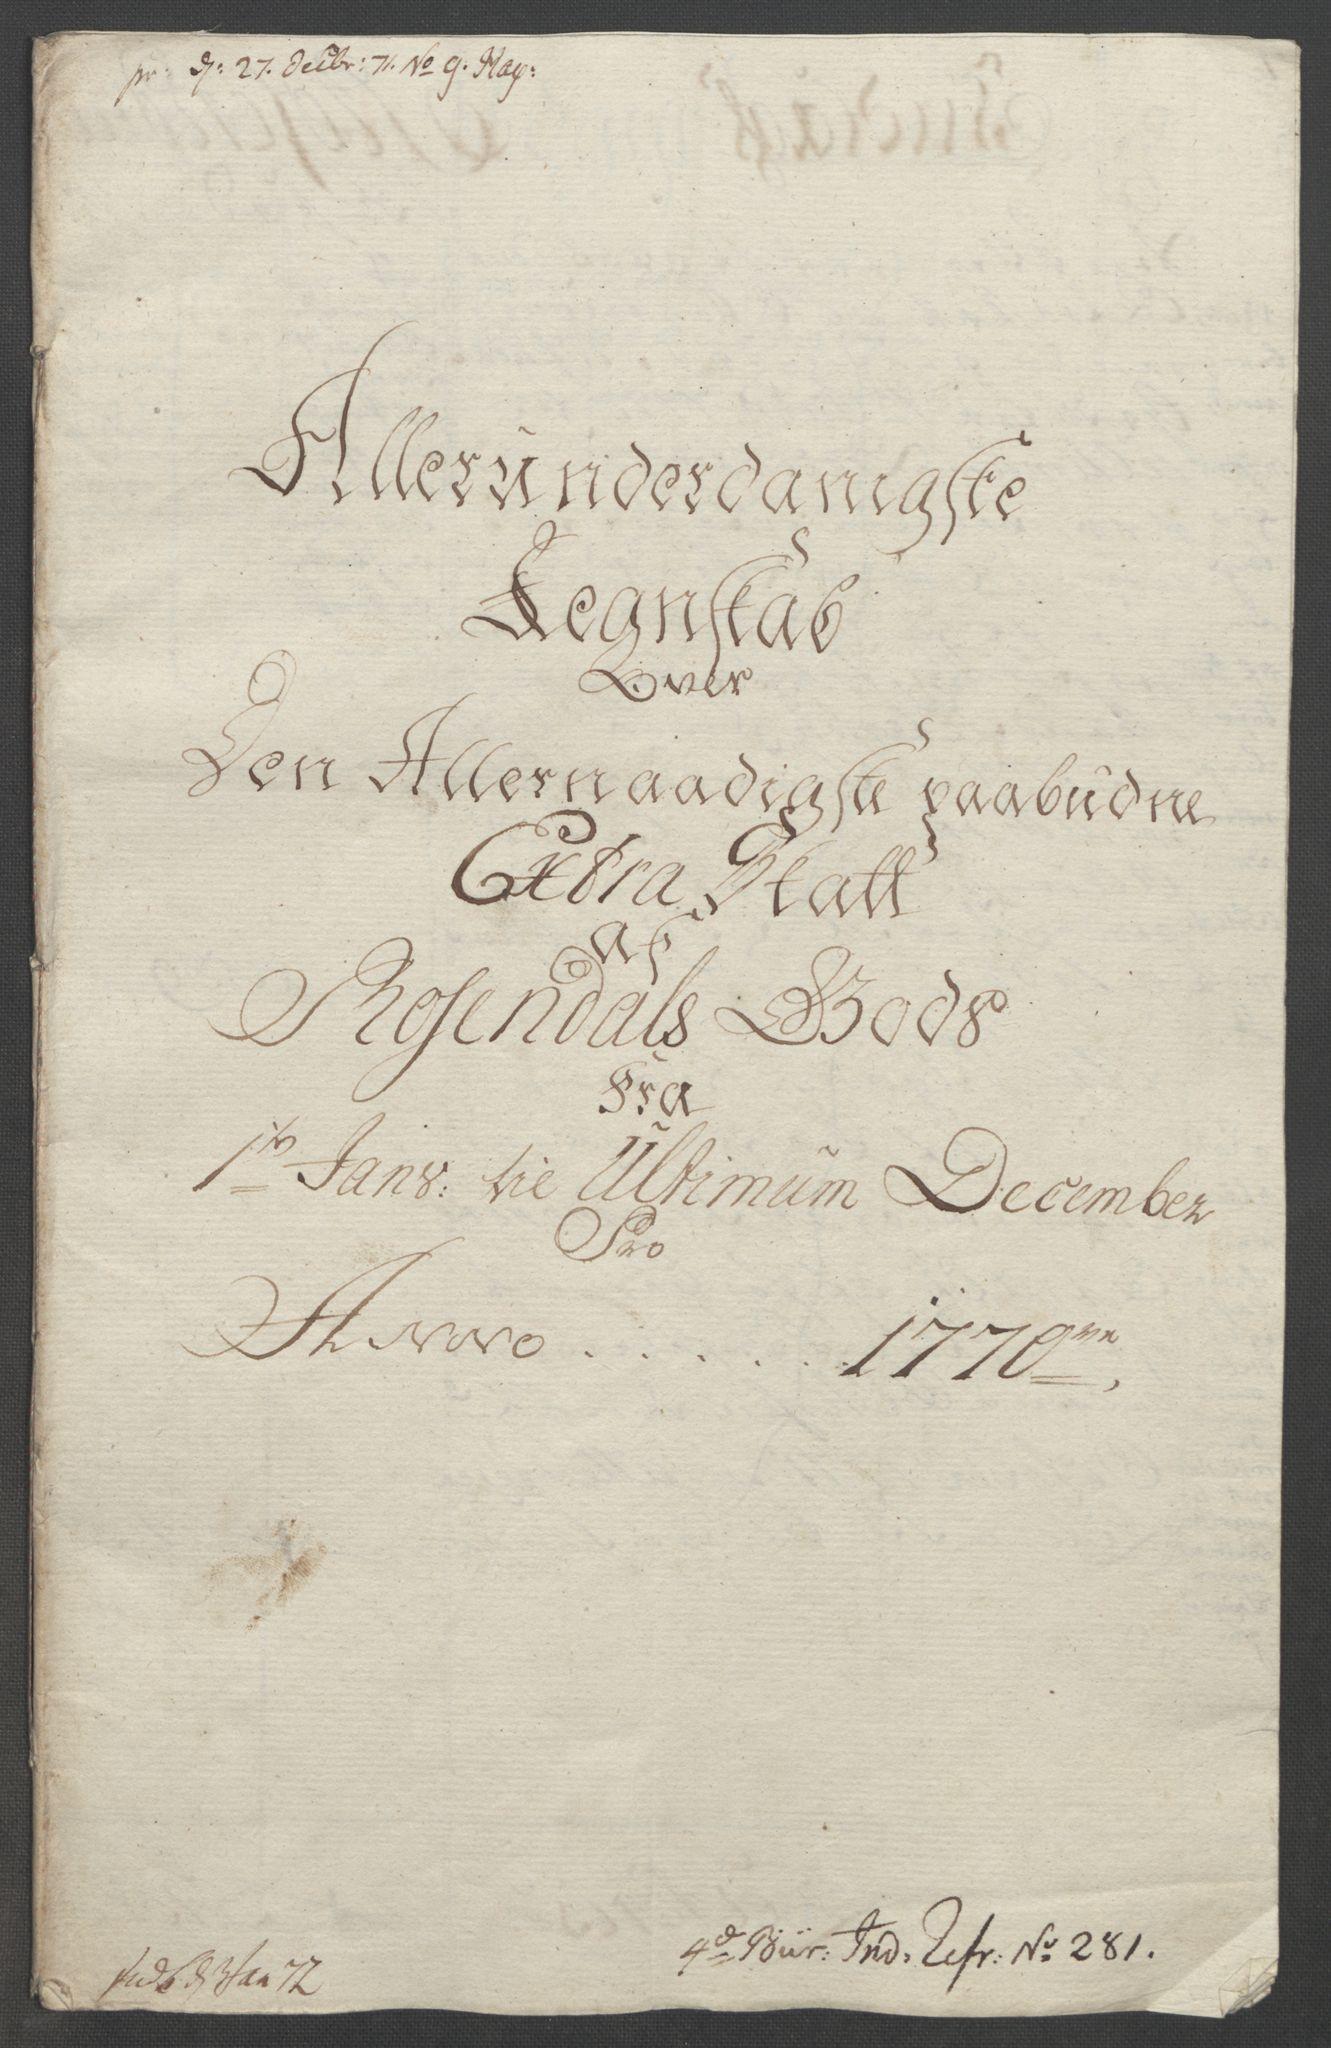 RA, Rentekammeret inntil 1814, Reviderte regnskaper, Fogderegnskap, R49/L3157: Ekstraskatten Rosendal Baroni, 1762-1772, s. 279